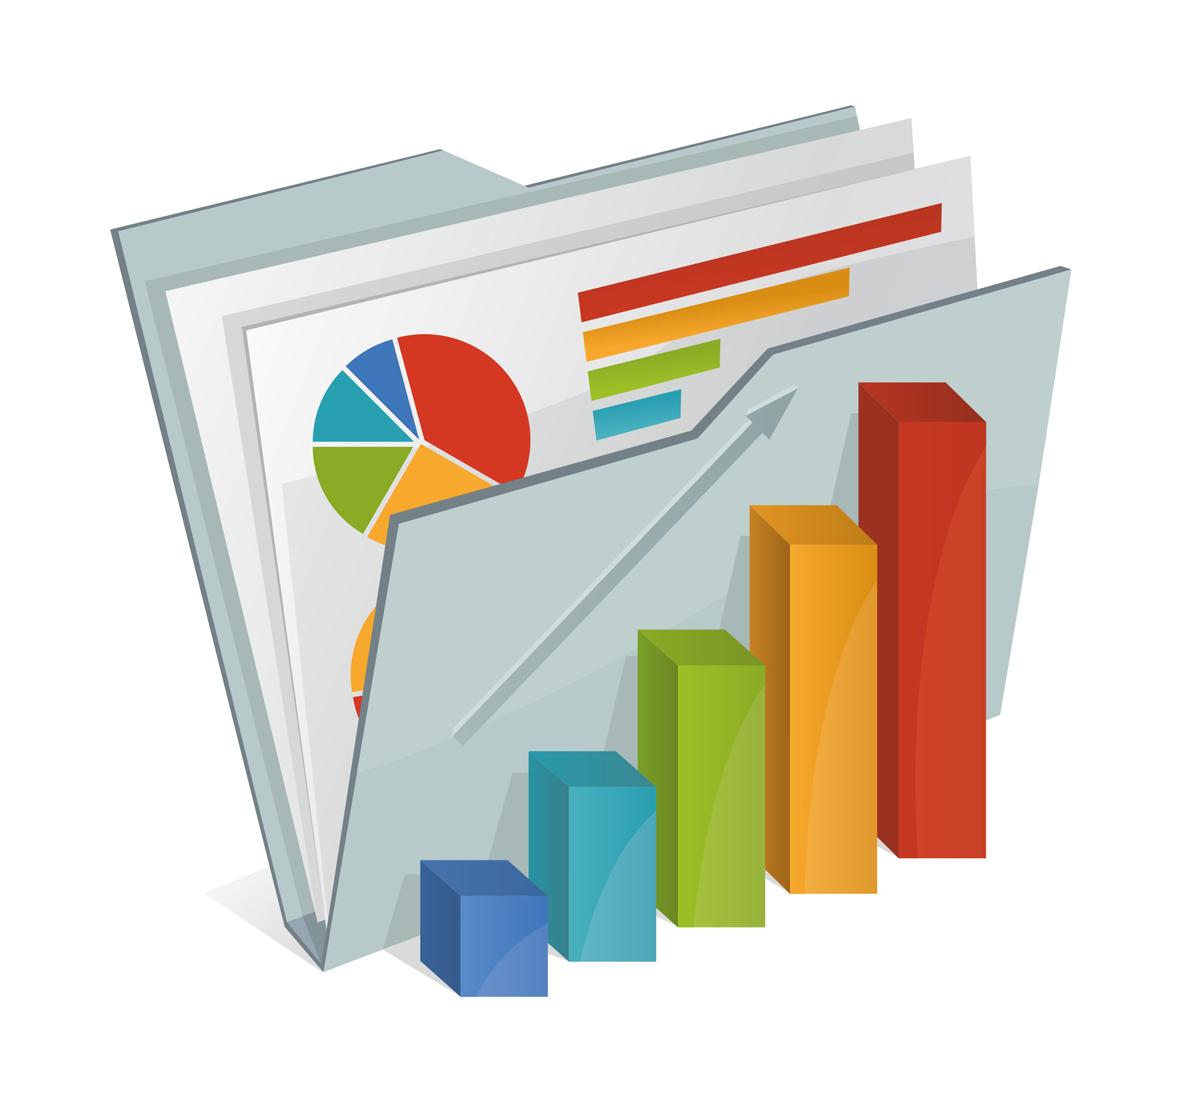 Регулярные отчетыМы регулярно предоставляем отчеты нашим клиентам, чтобы они были всегда в курсе происходящего.